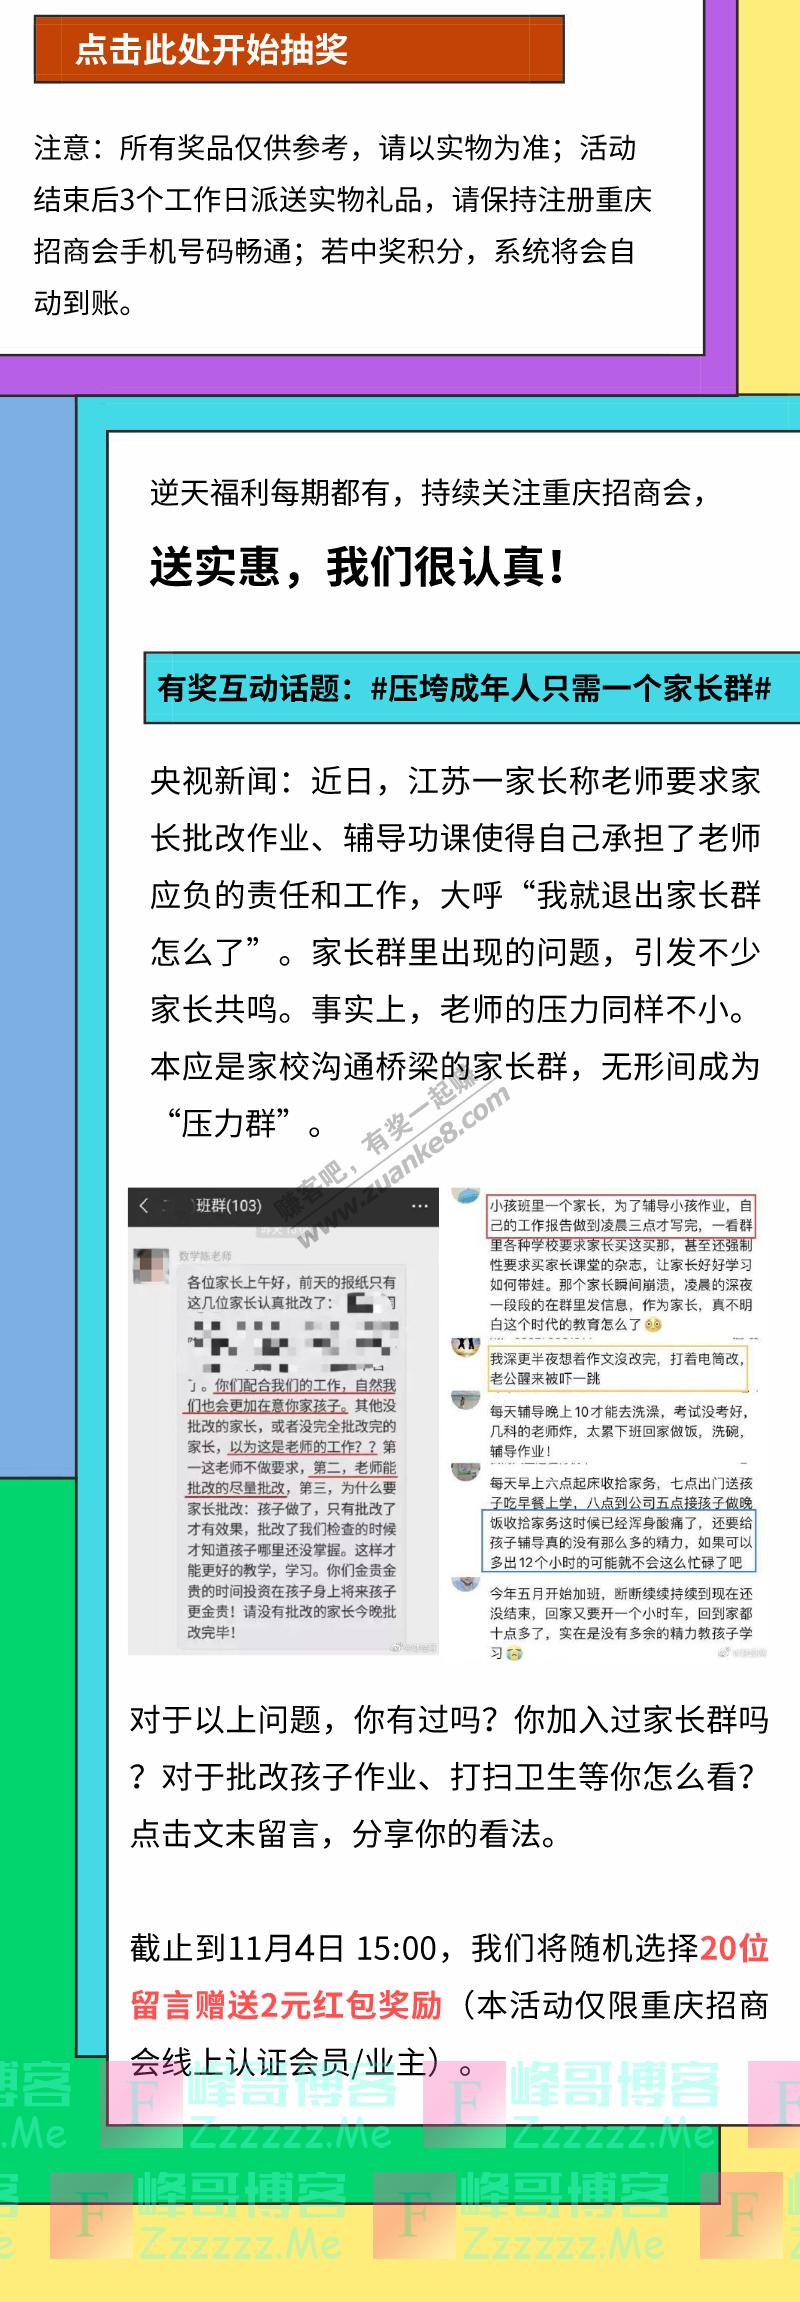 重庆招商会抽奖啦,手速手速手速(11月4日截止)